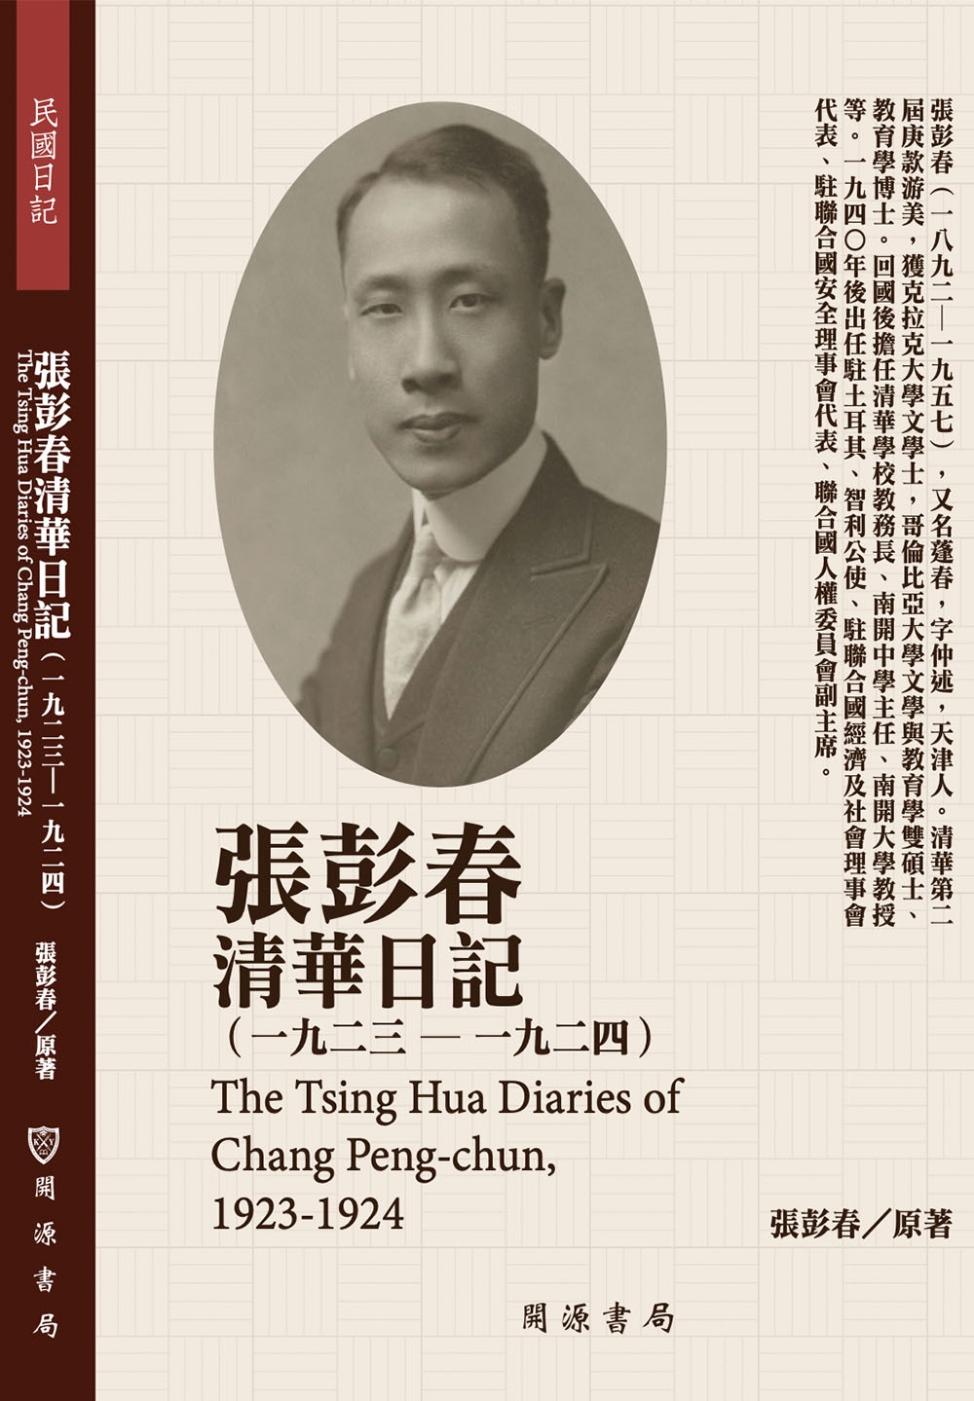 張彭春清華日記(1923-19...